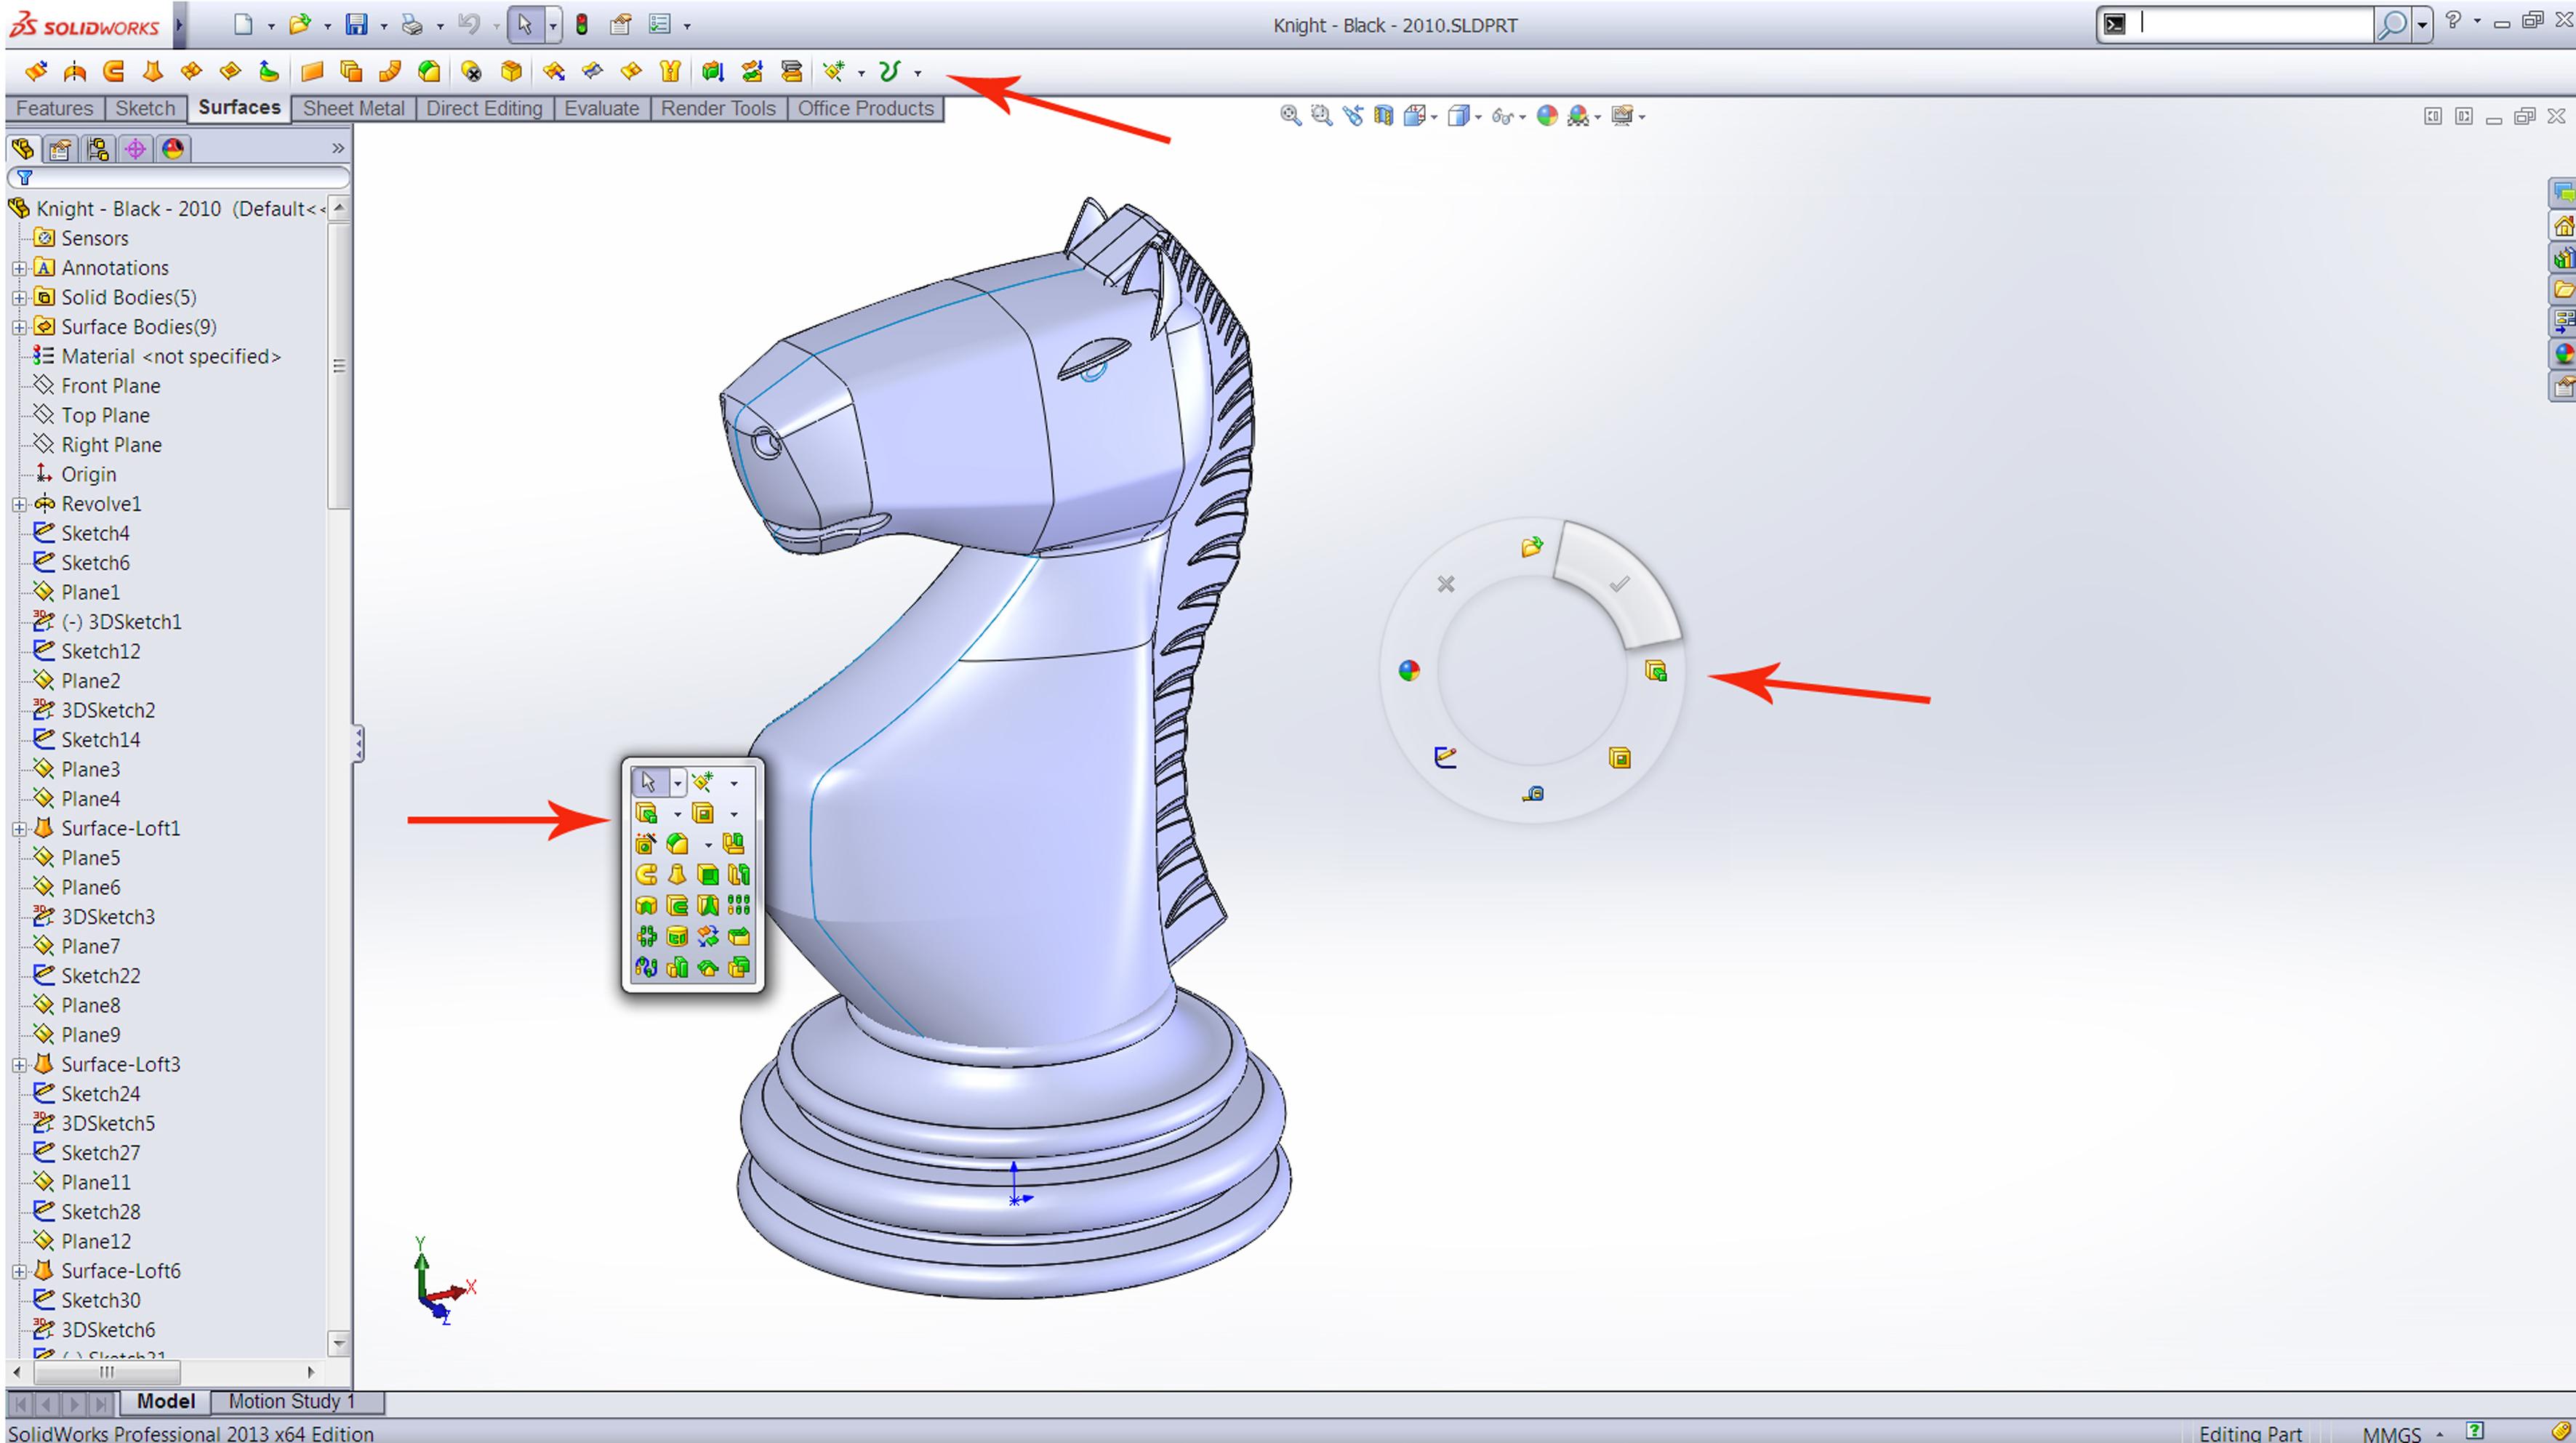 2011 solidworks Modelos 3d, dibujos 2d y archivos cad gratuitos traceparts biblioteca de archivos 3d millones de modelos 3d, dibujos 2d y archivos cad tenga en cuenta que al.